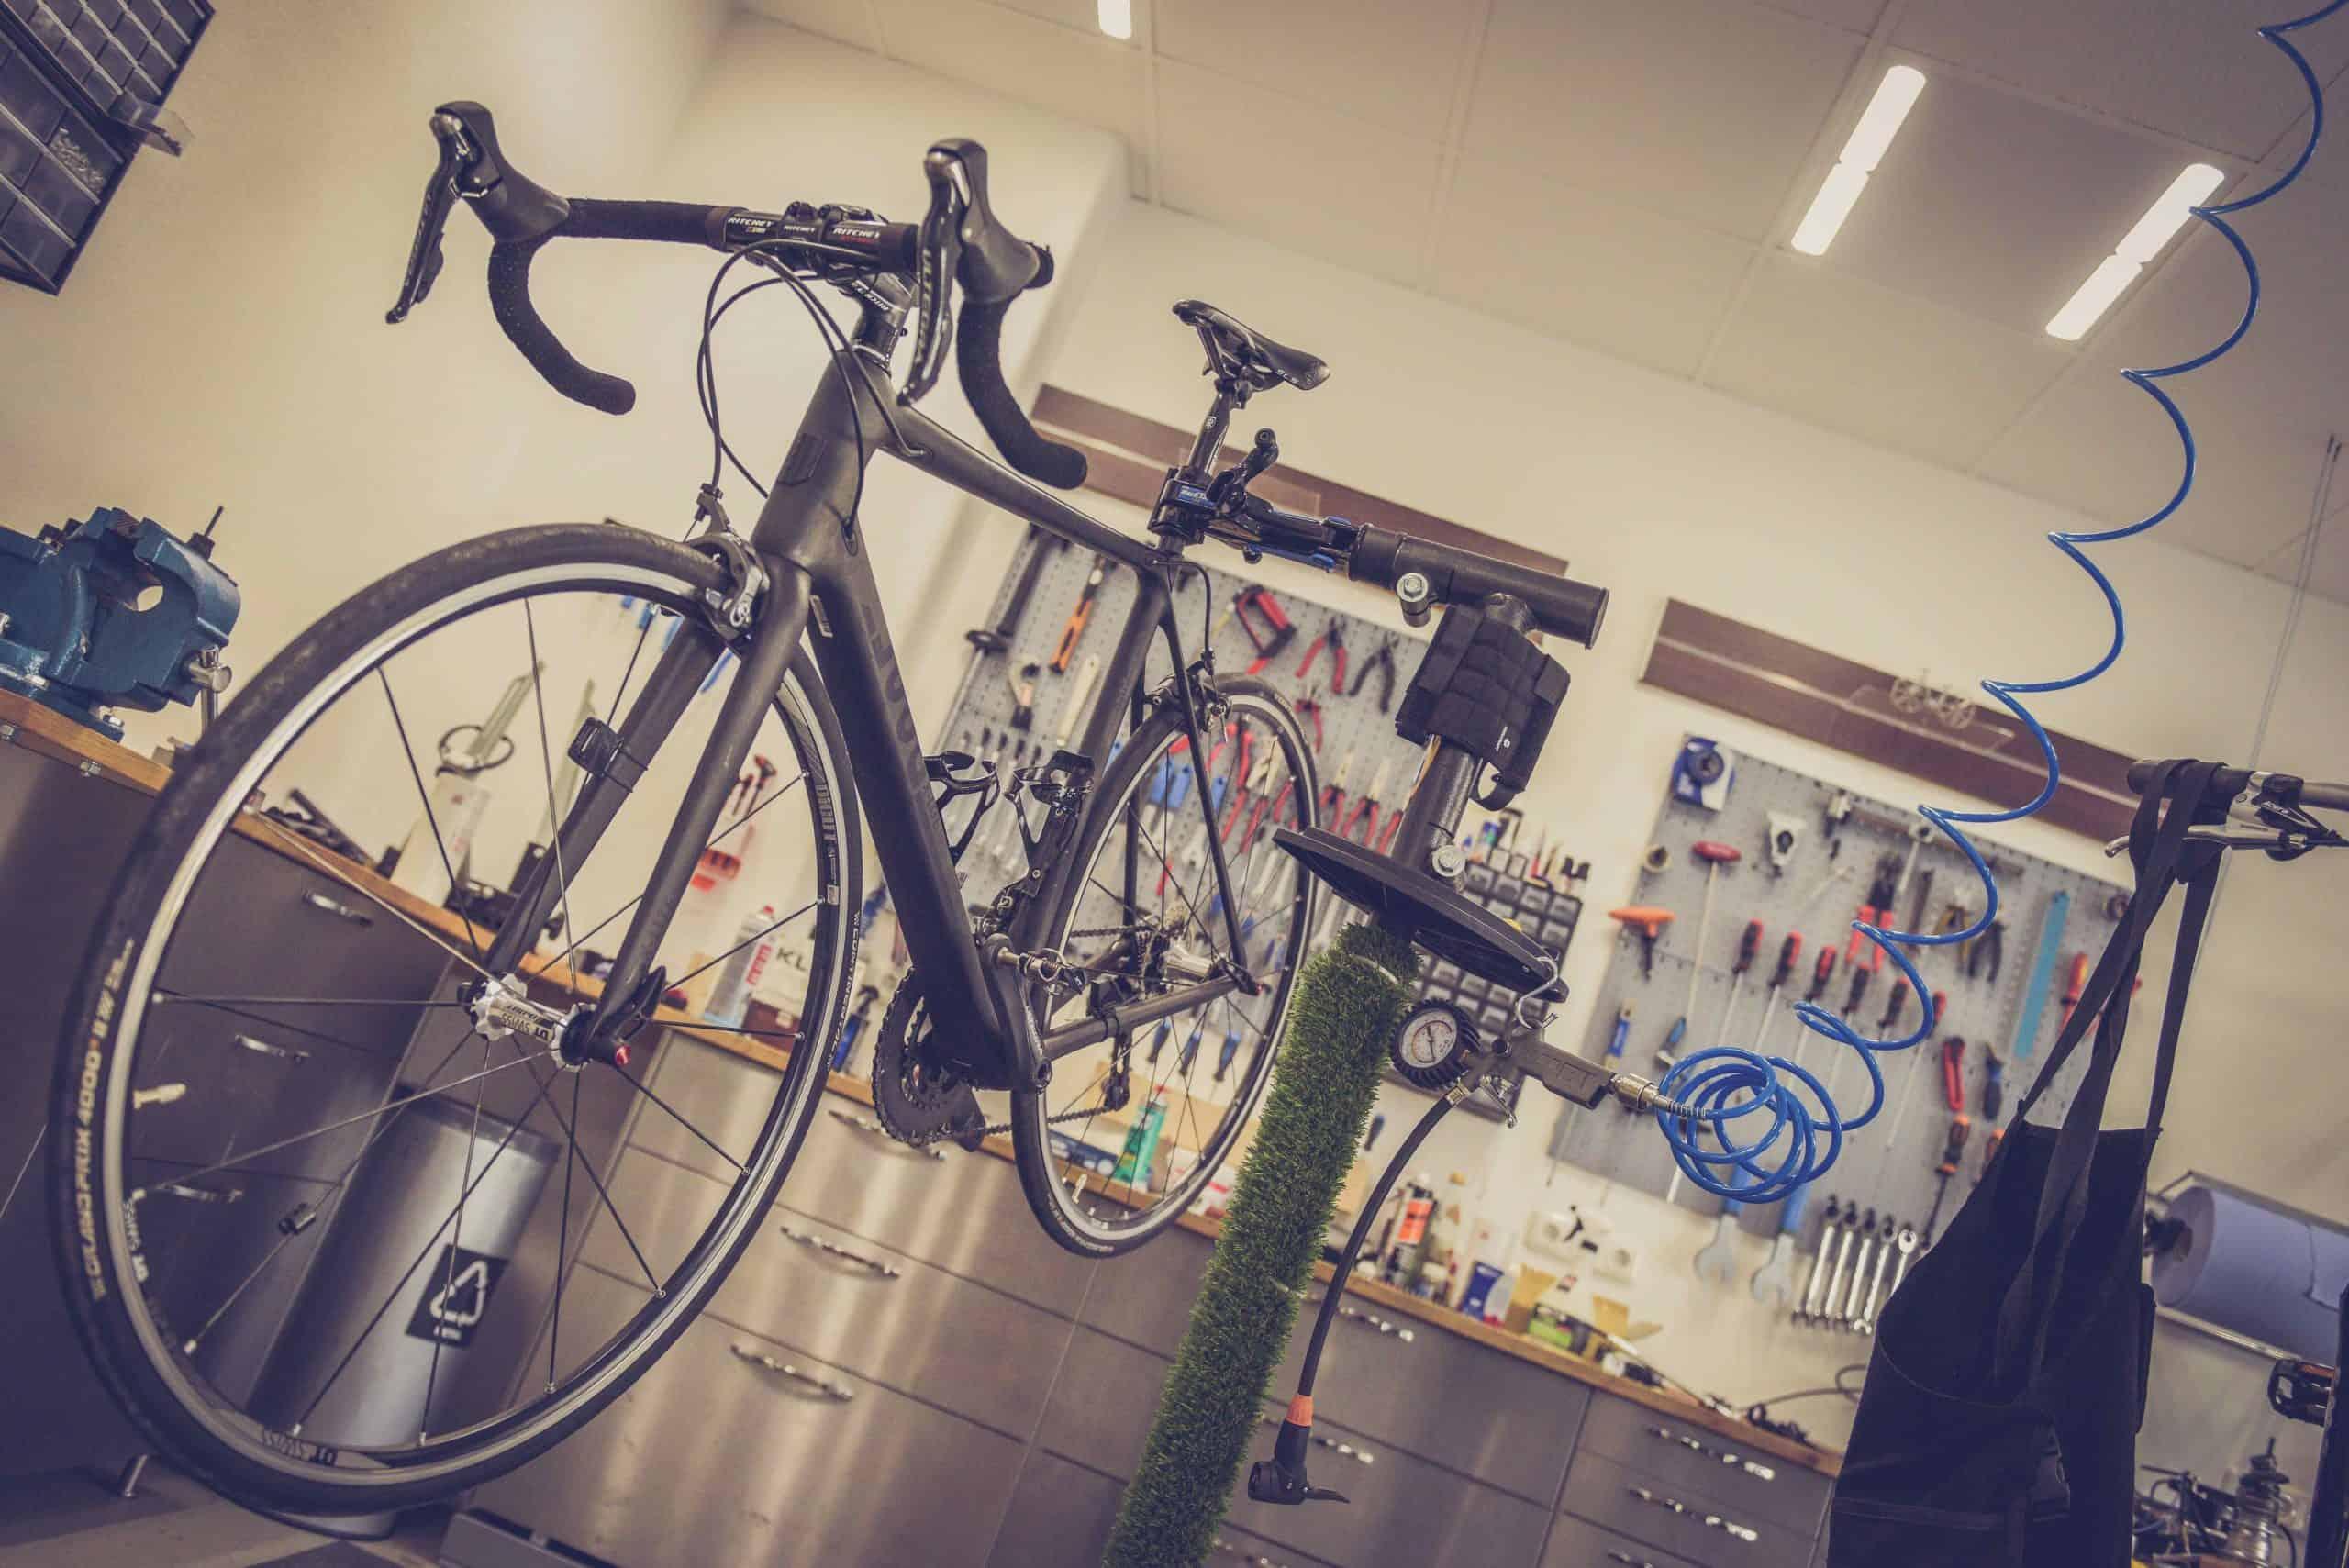 bike repair stands